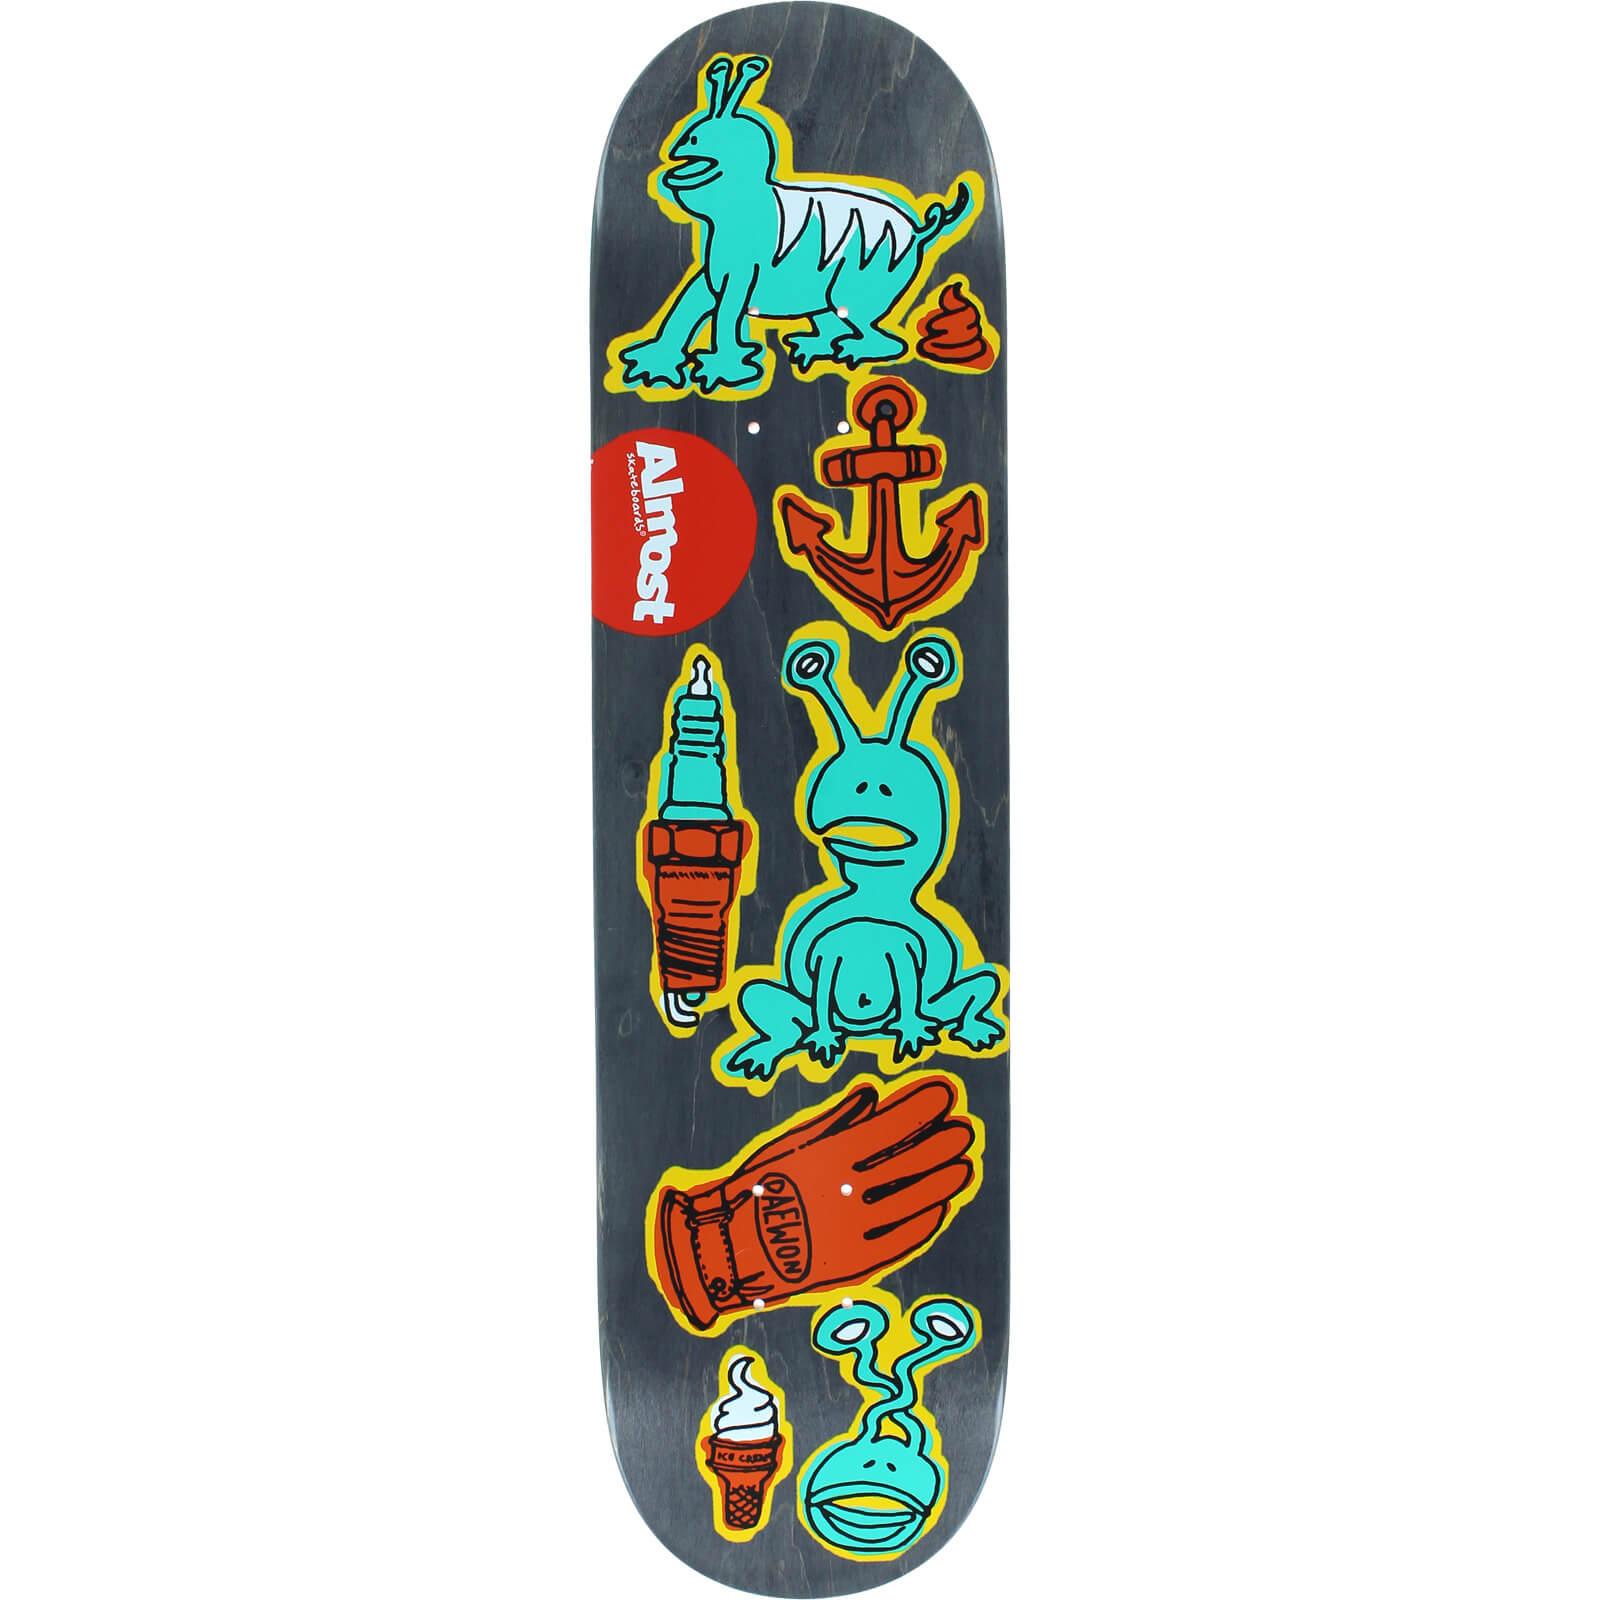 Almost Skateboards Dumb Doodle Deck